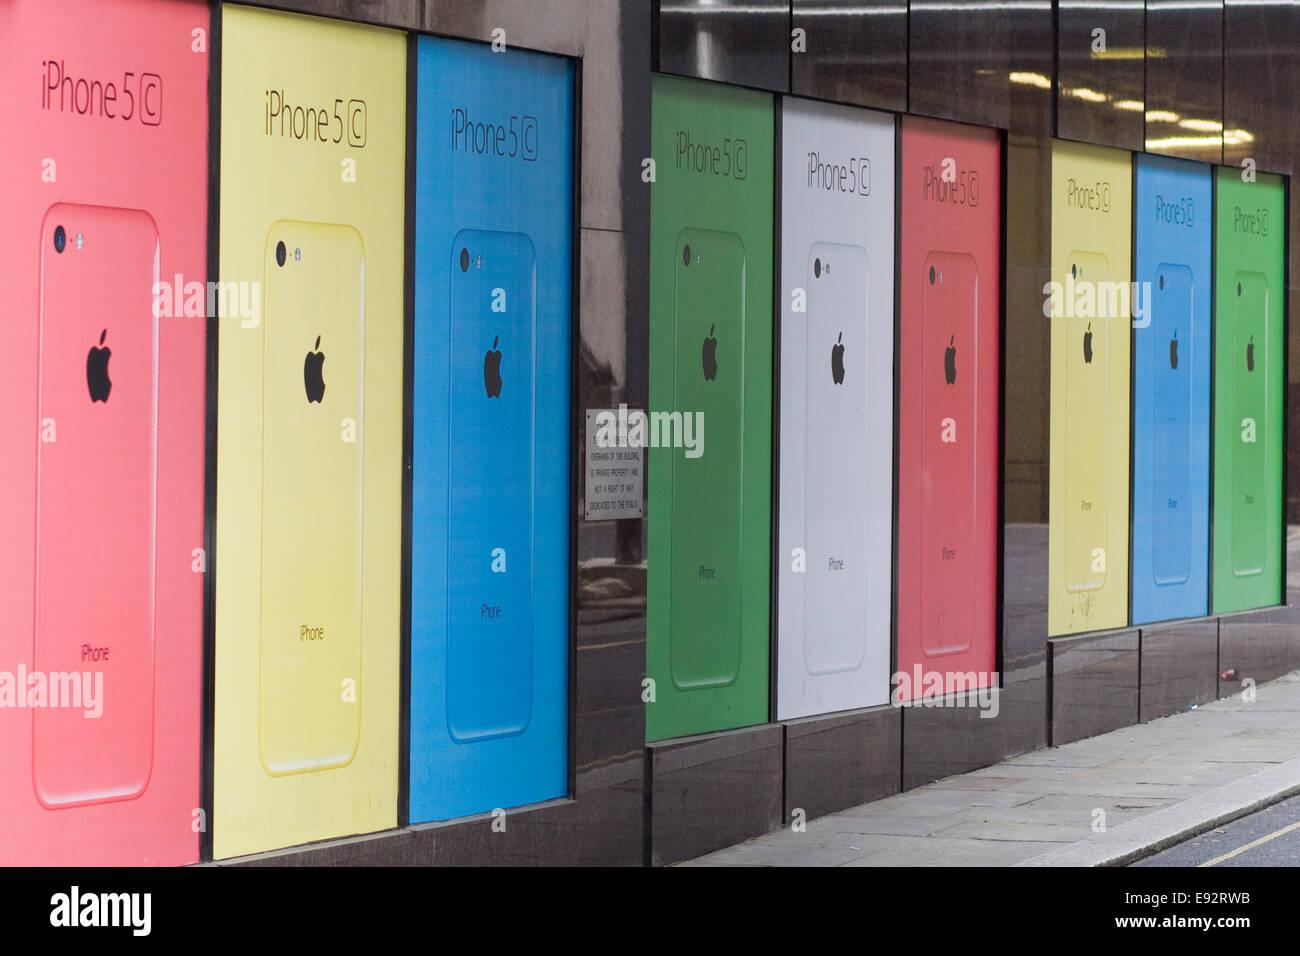 I Phone 5c casi poster pubblicitario Immagini Stock